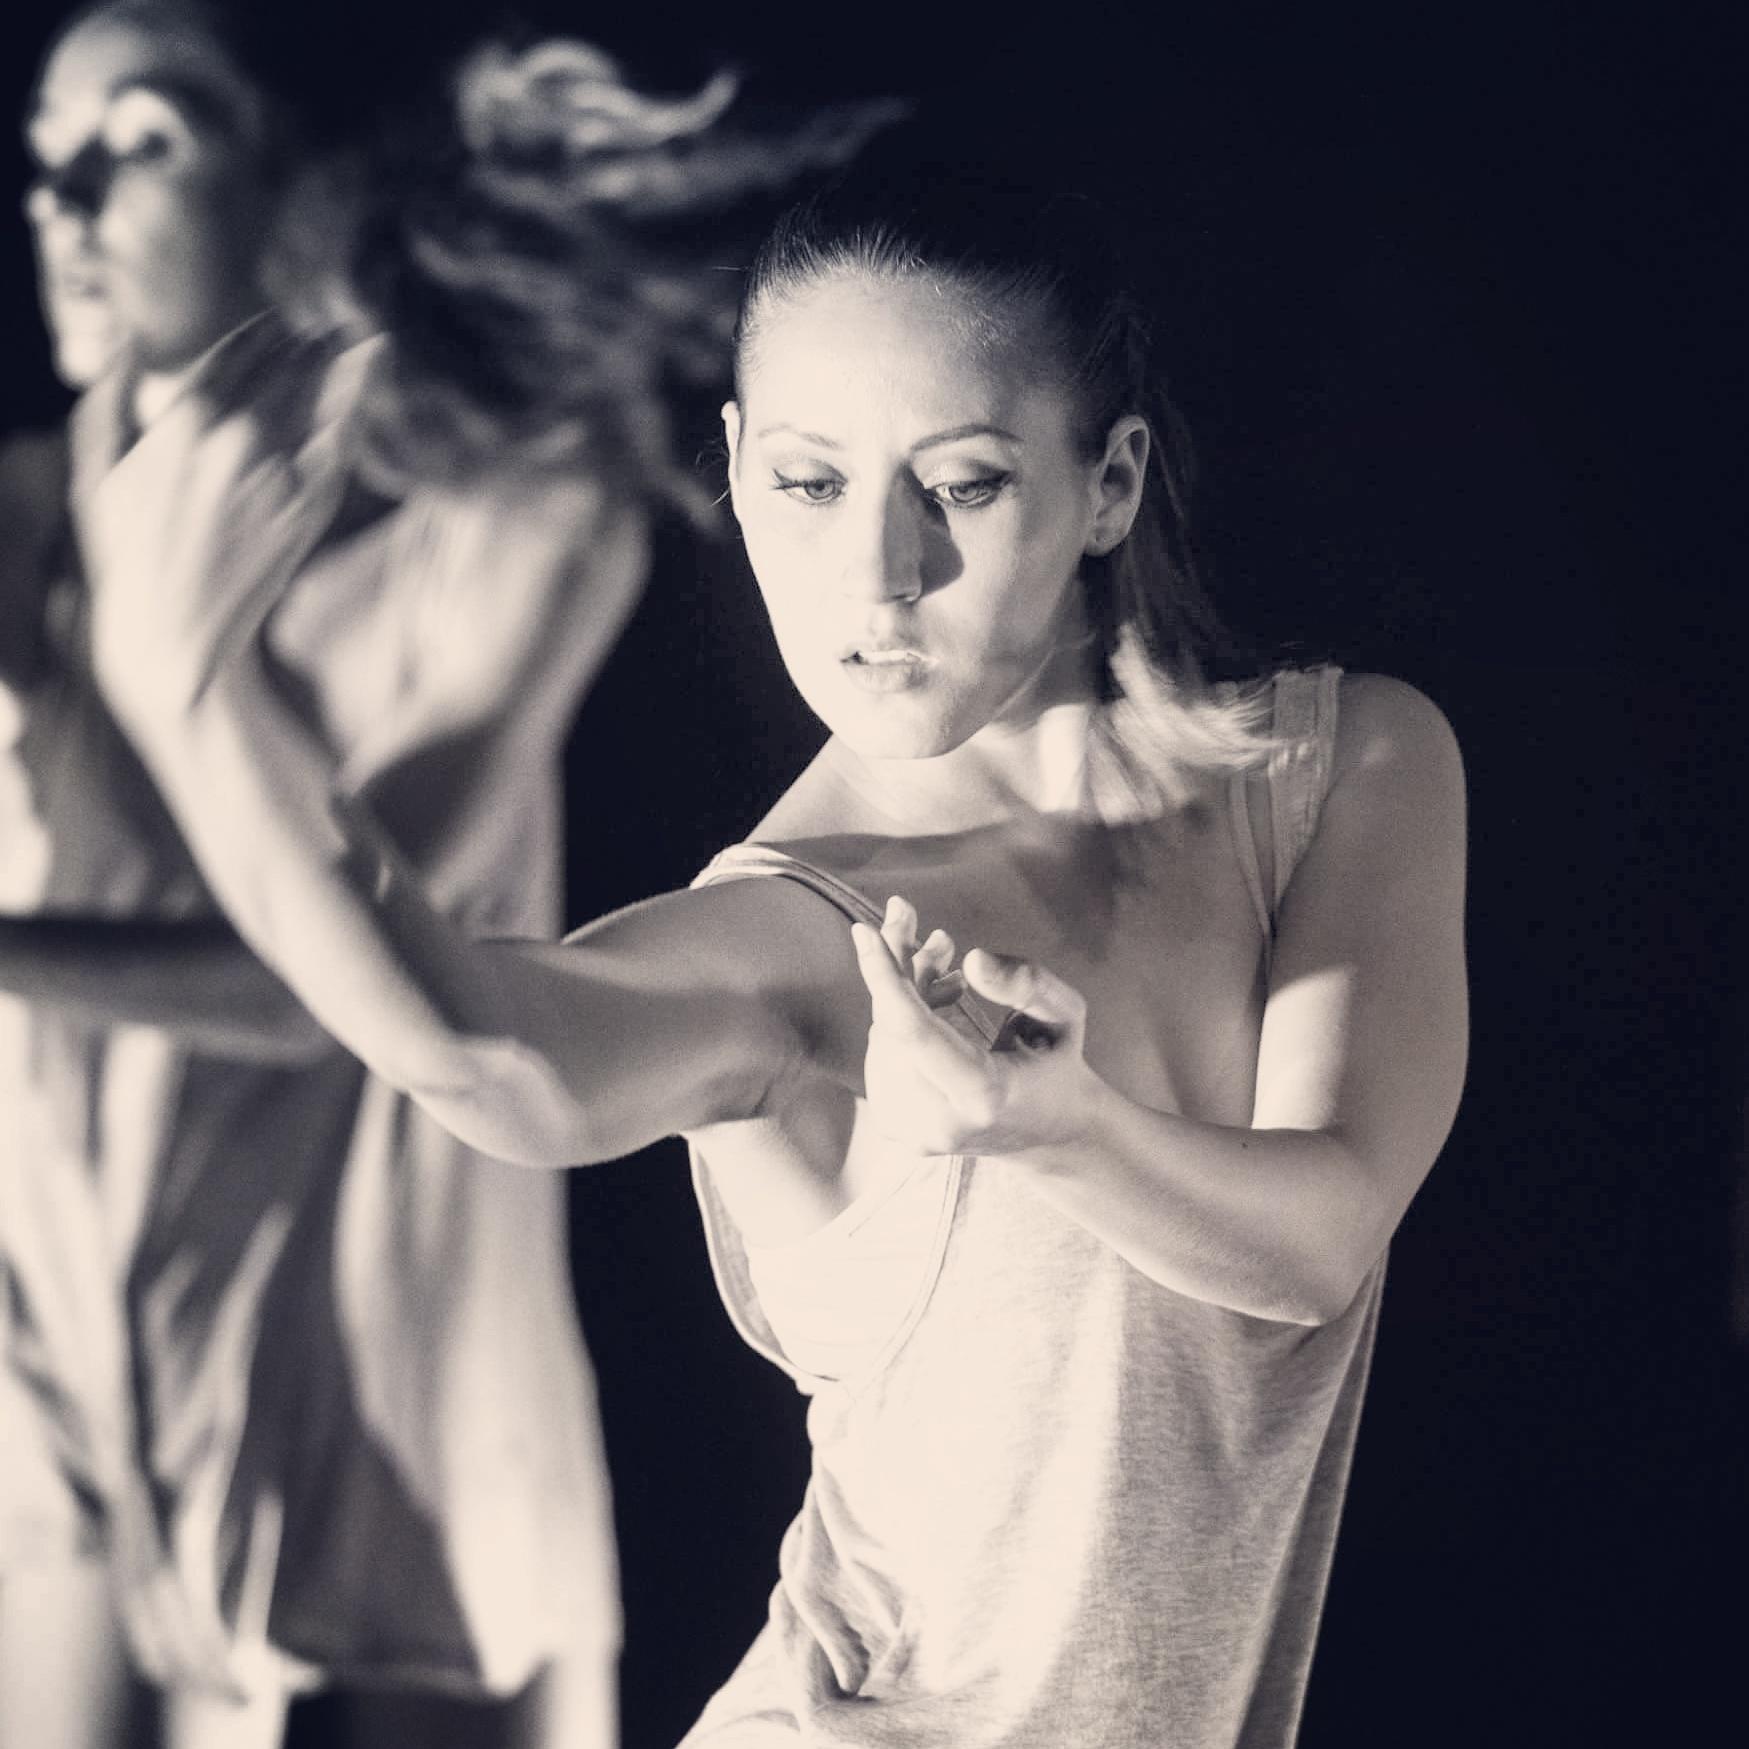 Sara Quilis bailando contemporaneo